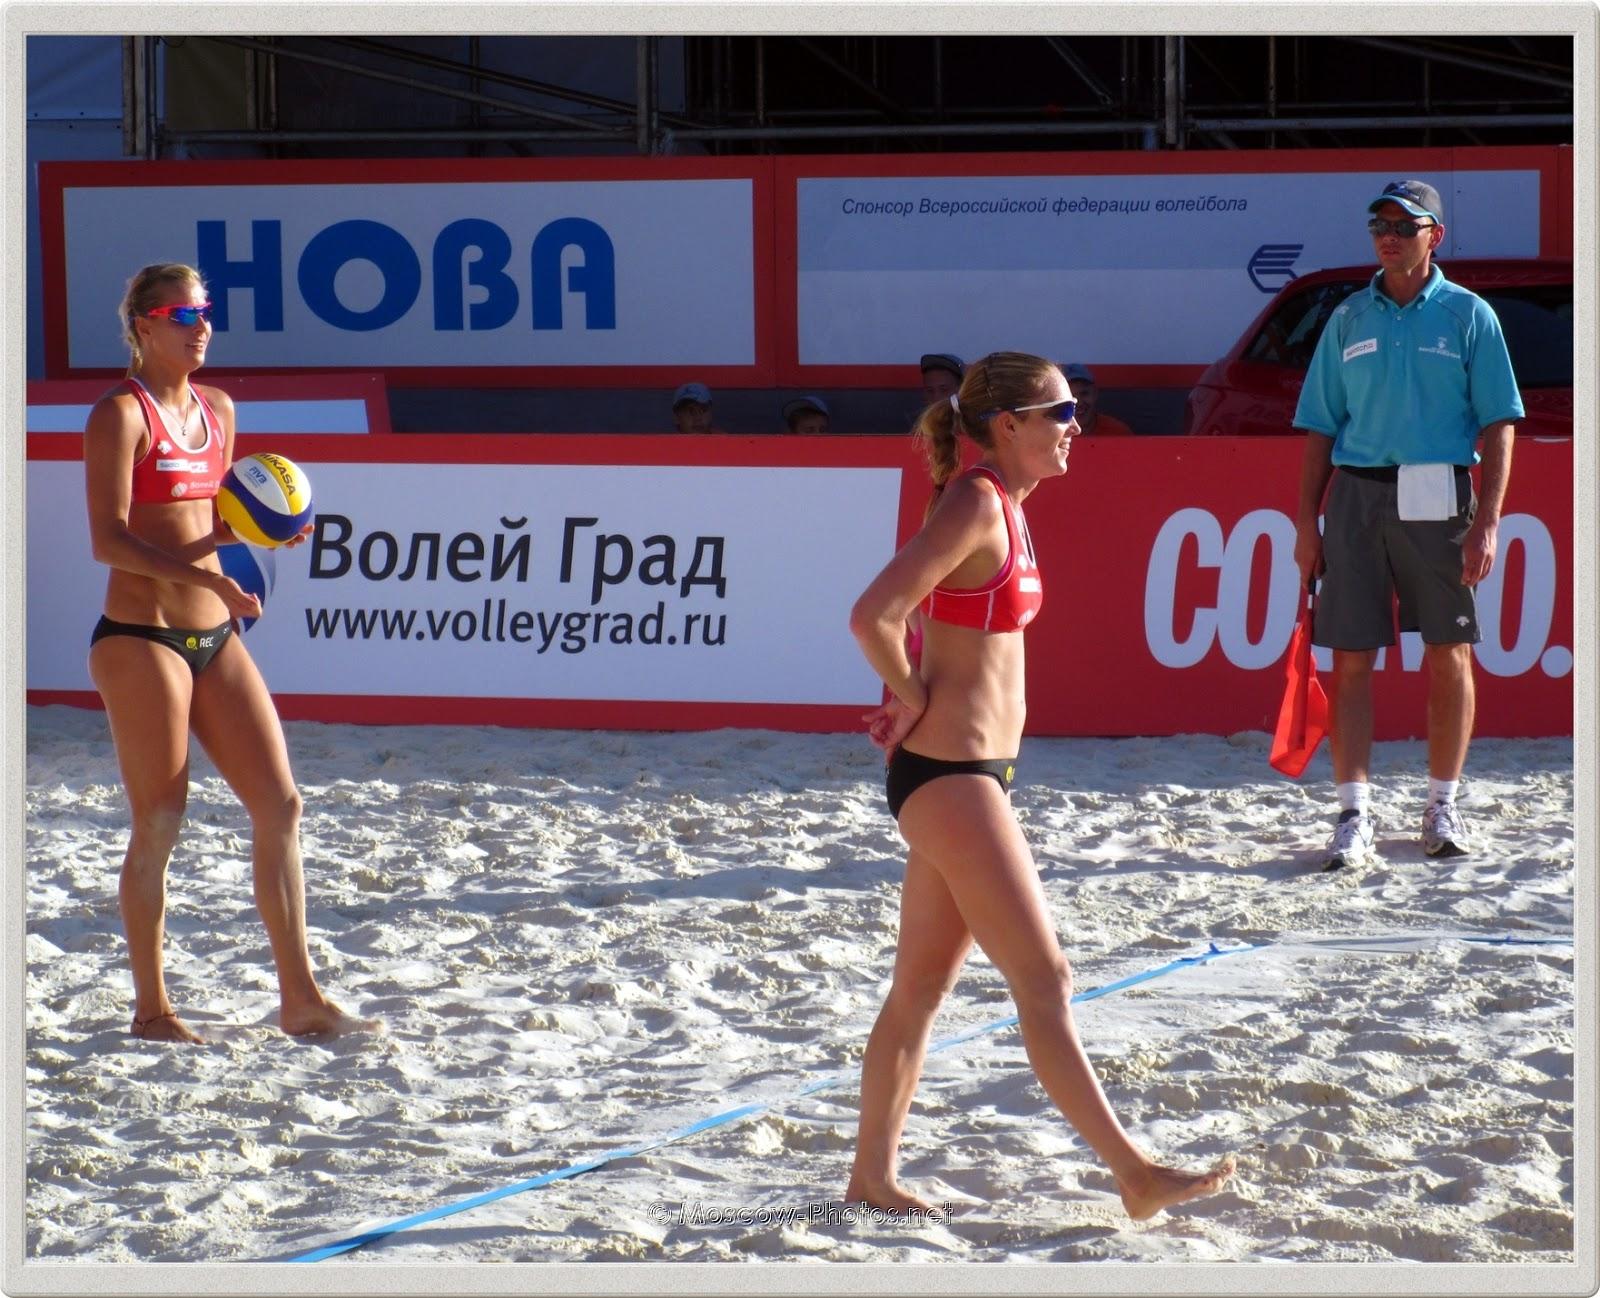 Serve of the Czech Beach Volleyball Team